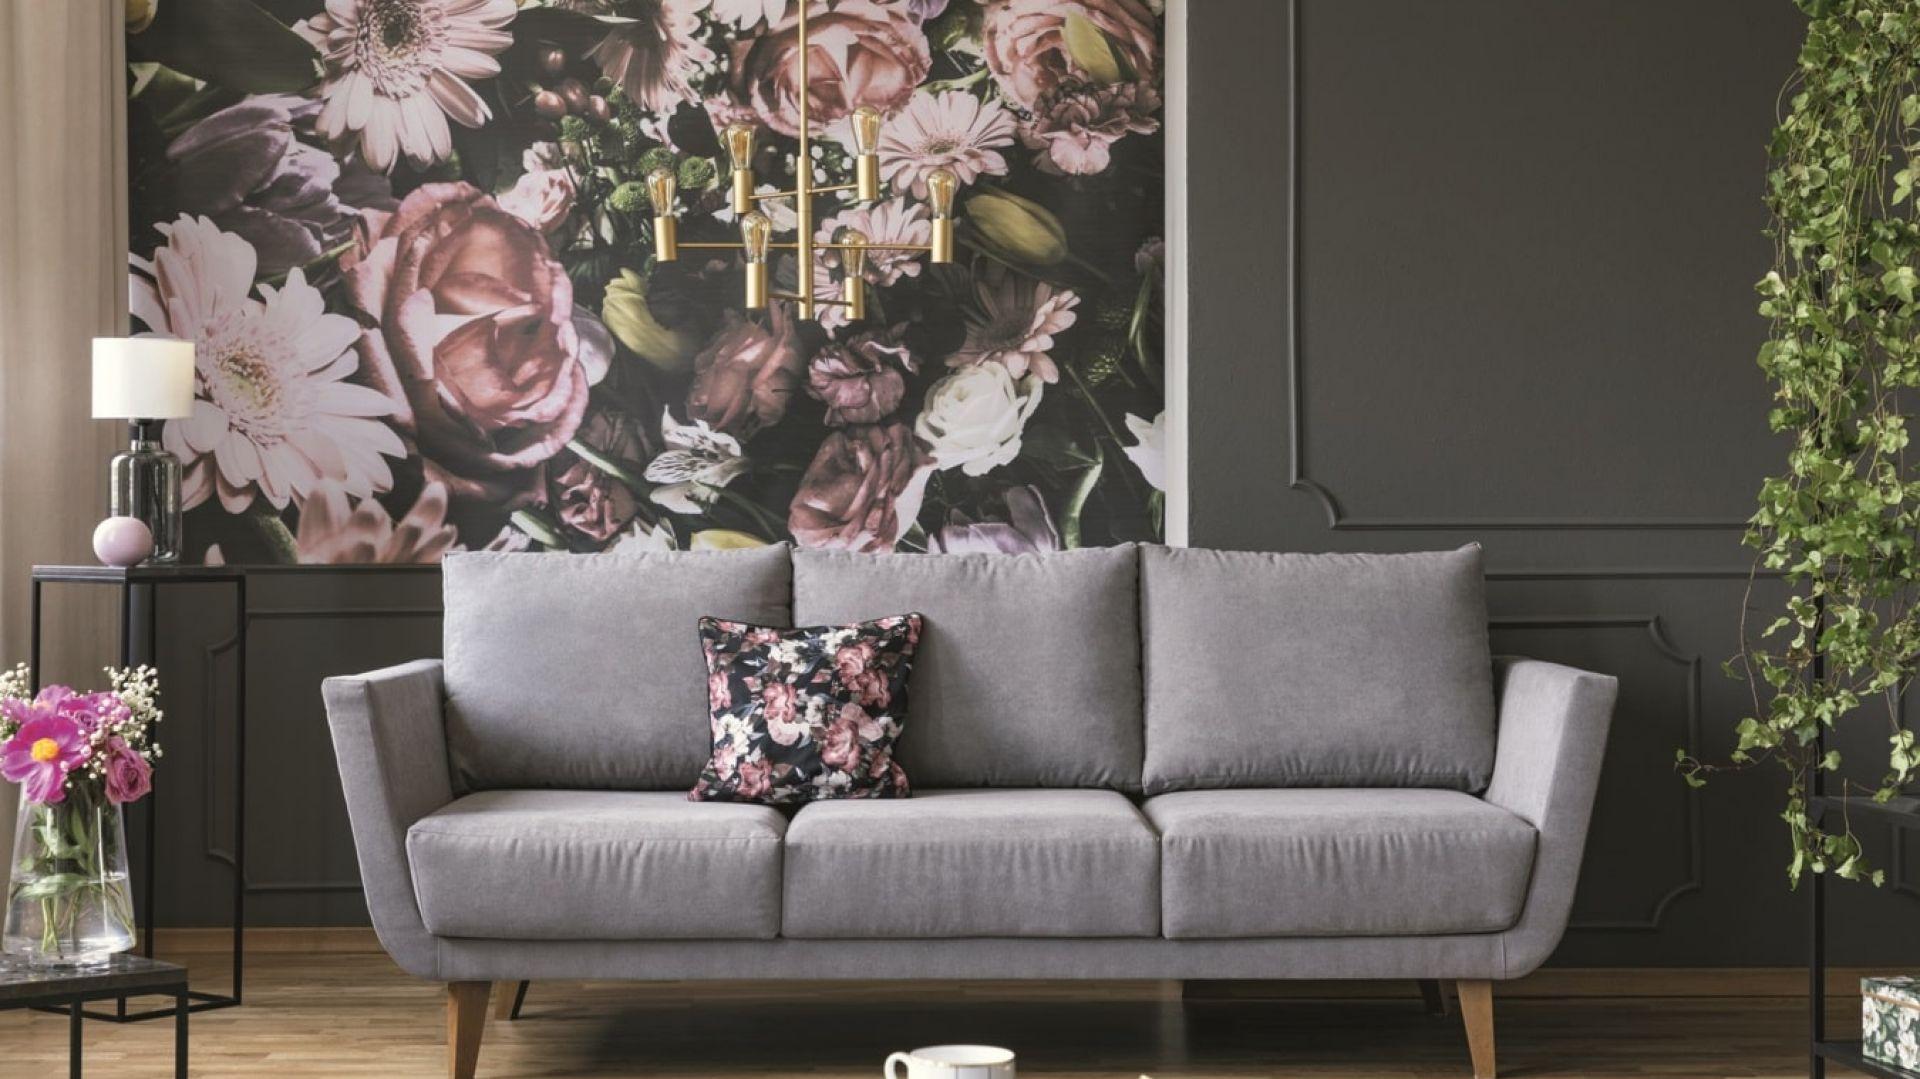 Wnętrza w modnej, kwiatowej oprawie: Tikkurila Optiva Ceramic Super Matt 3. Fot. Tikkurila